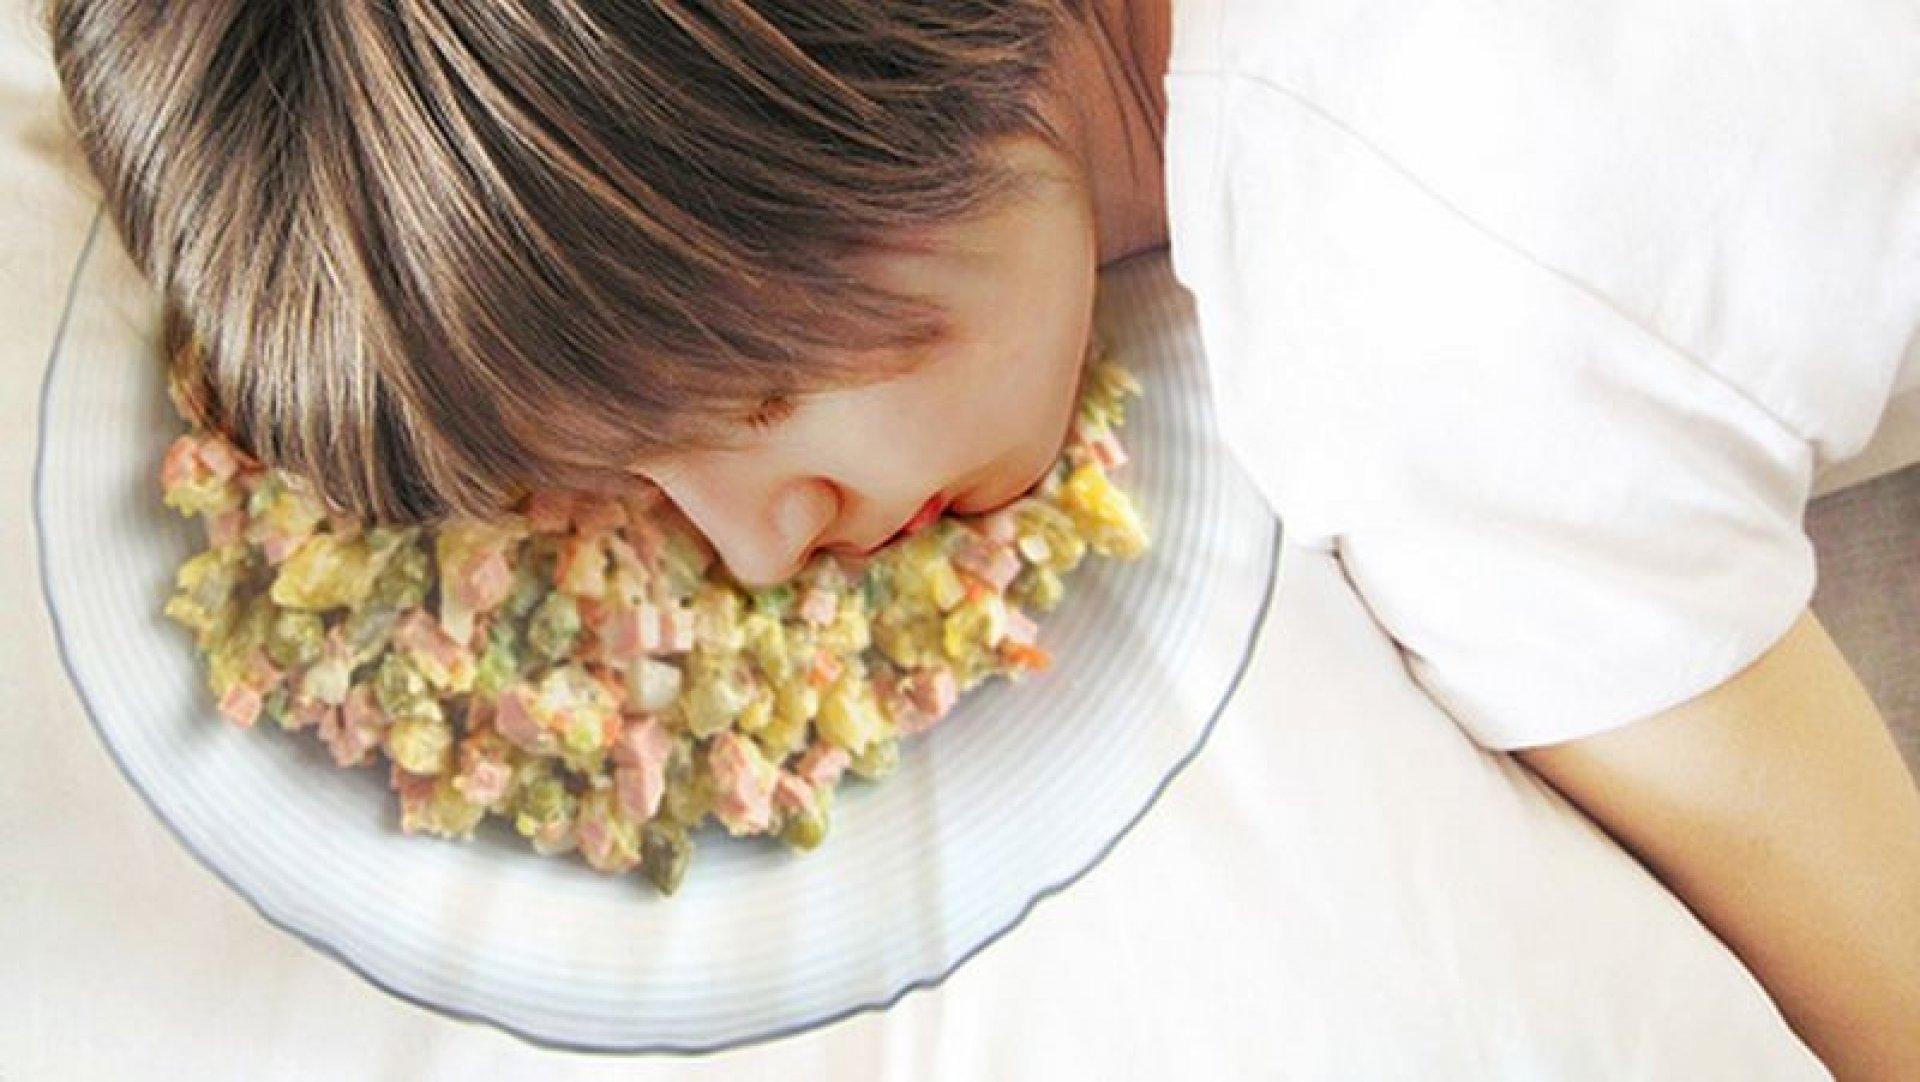 картинки смешные лицом в салат его чиста